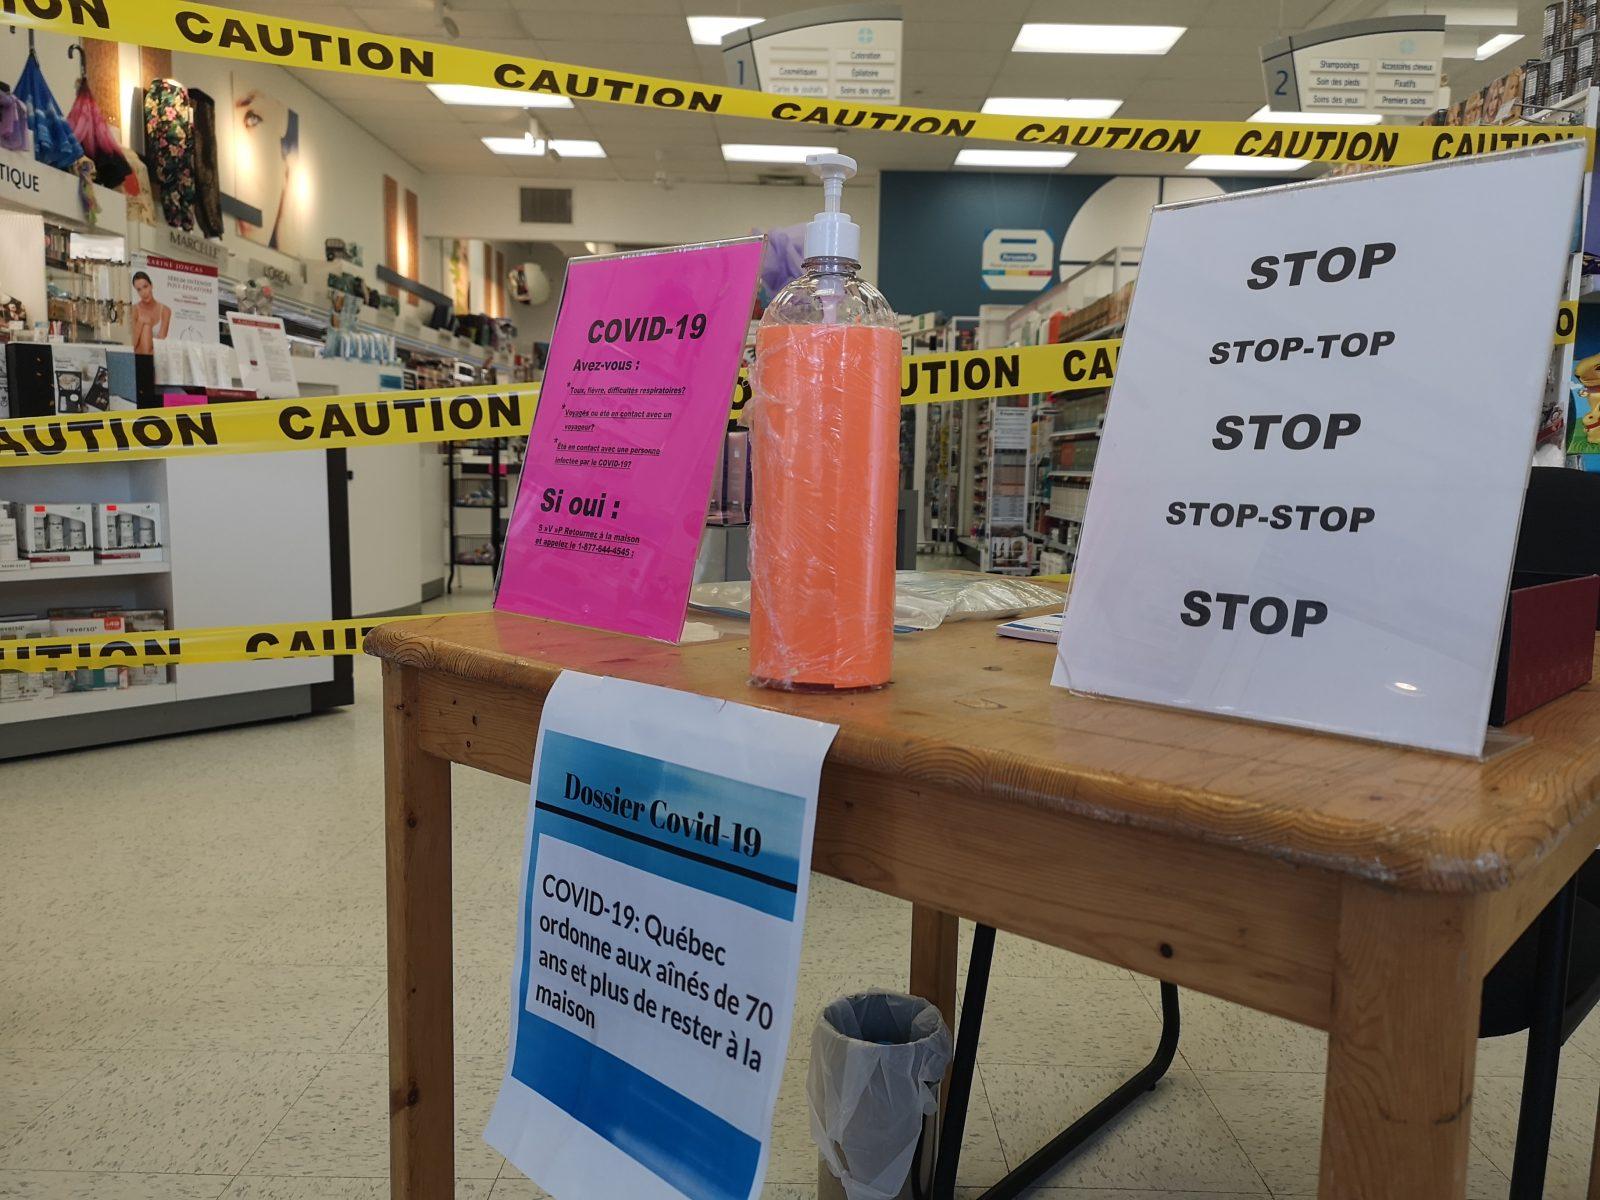 Les pharmacies s'adaptent pour contrer la COVID-19 et servir leurs clients